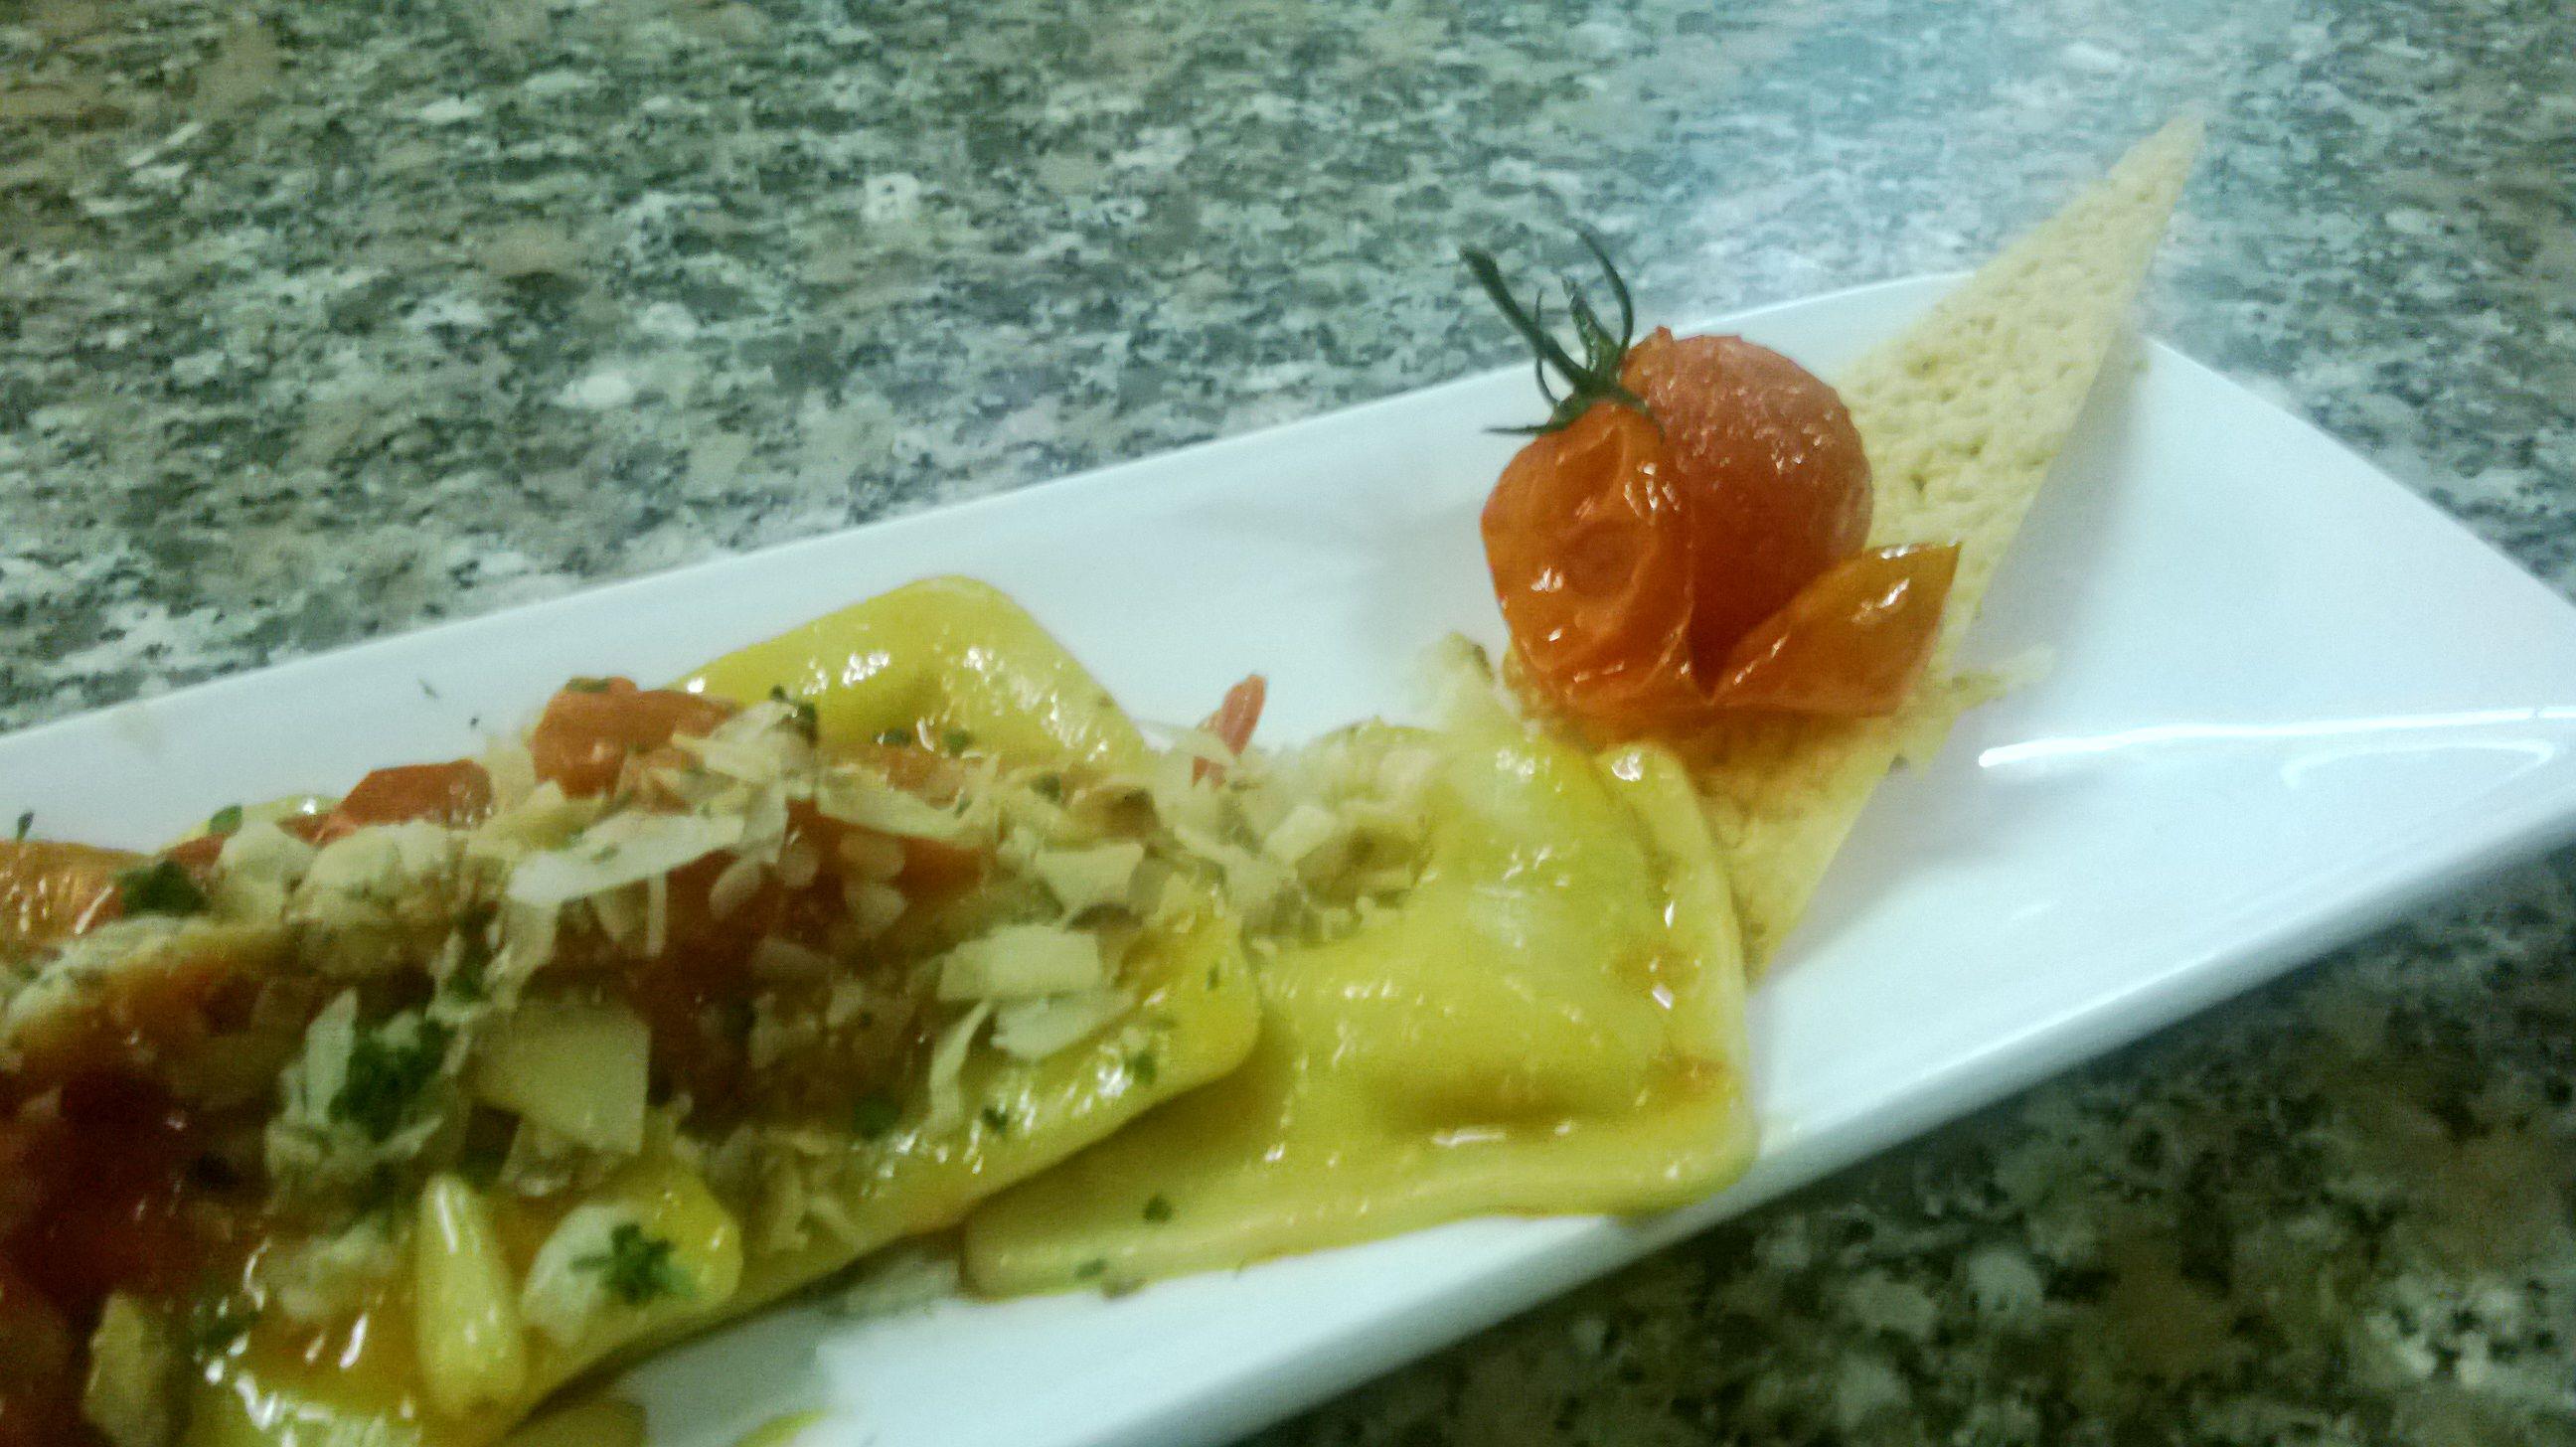 Ravioli di carciofi con pomodorini, pinoli e ricotta affumicata. Pasta filled with artichokes, cherry tomatoes, seasoned cheese and pinenuts